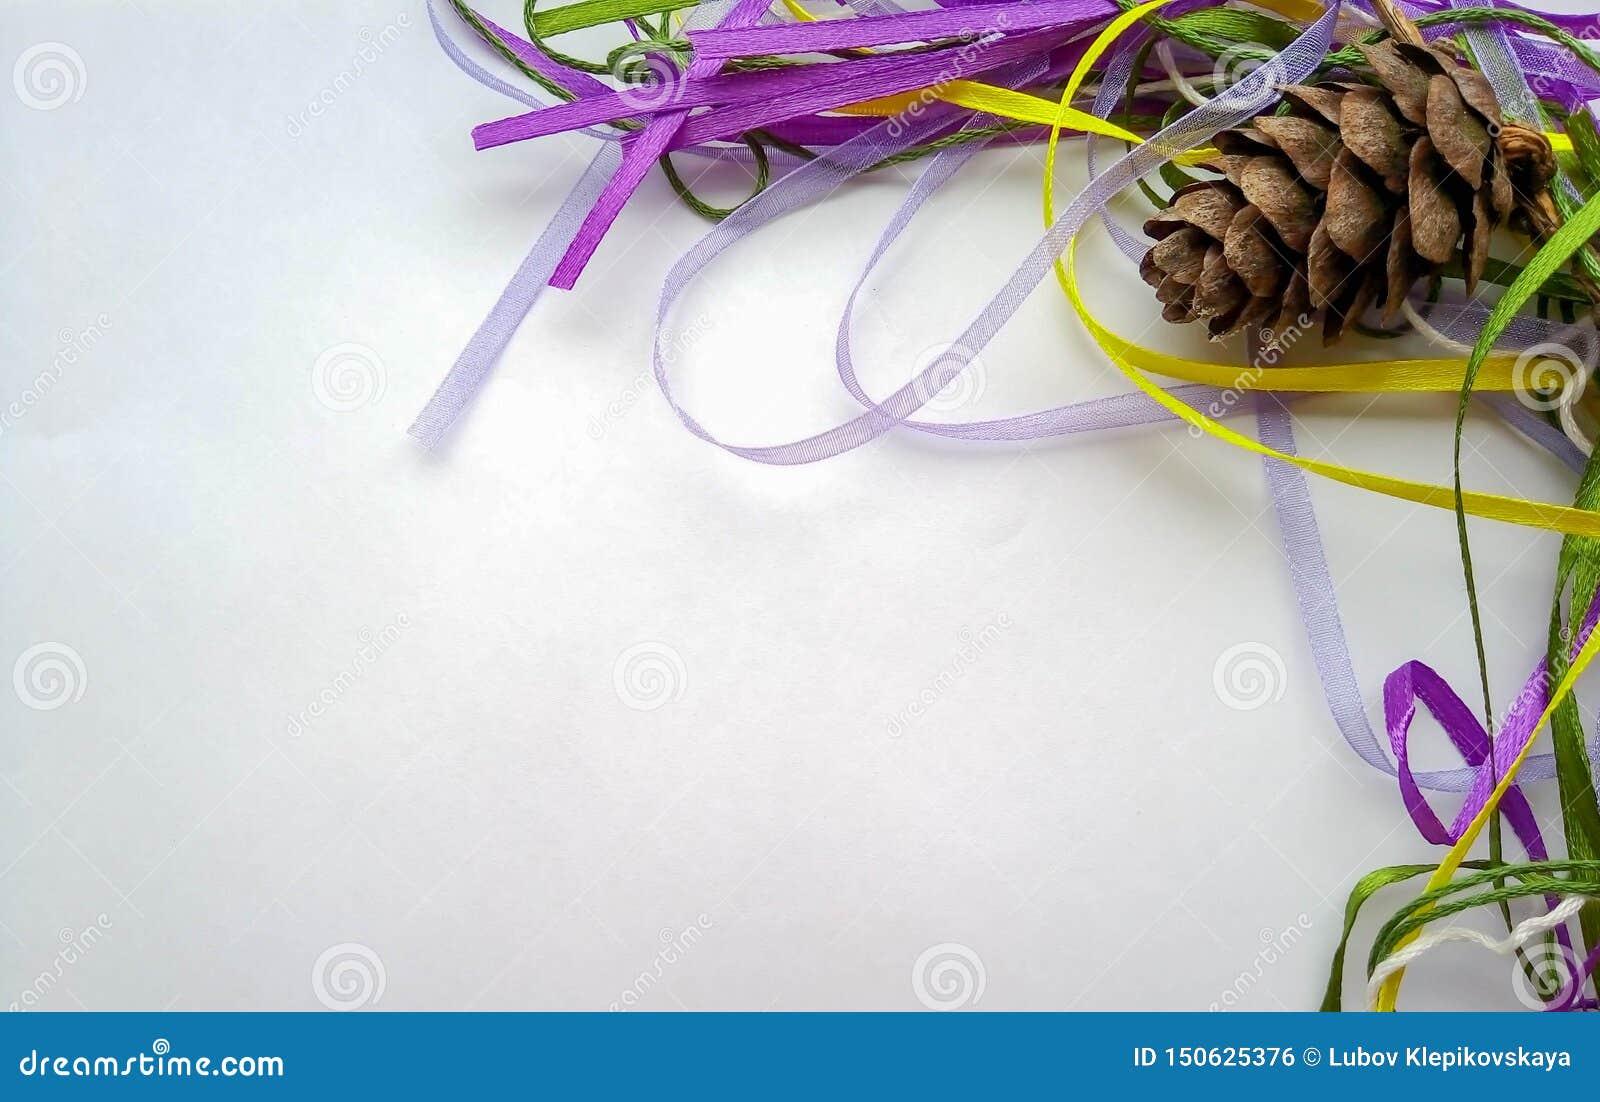 Hintergrund für den Stoß des neuen Jahres mit Bändern